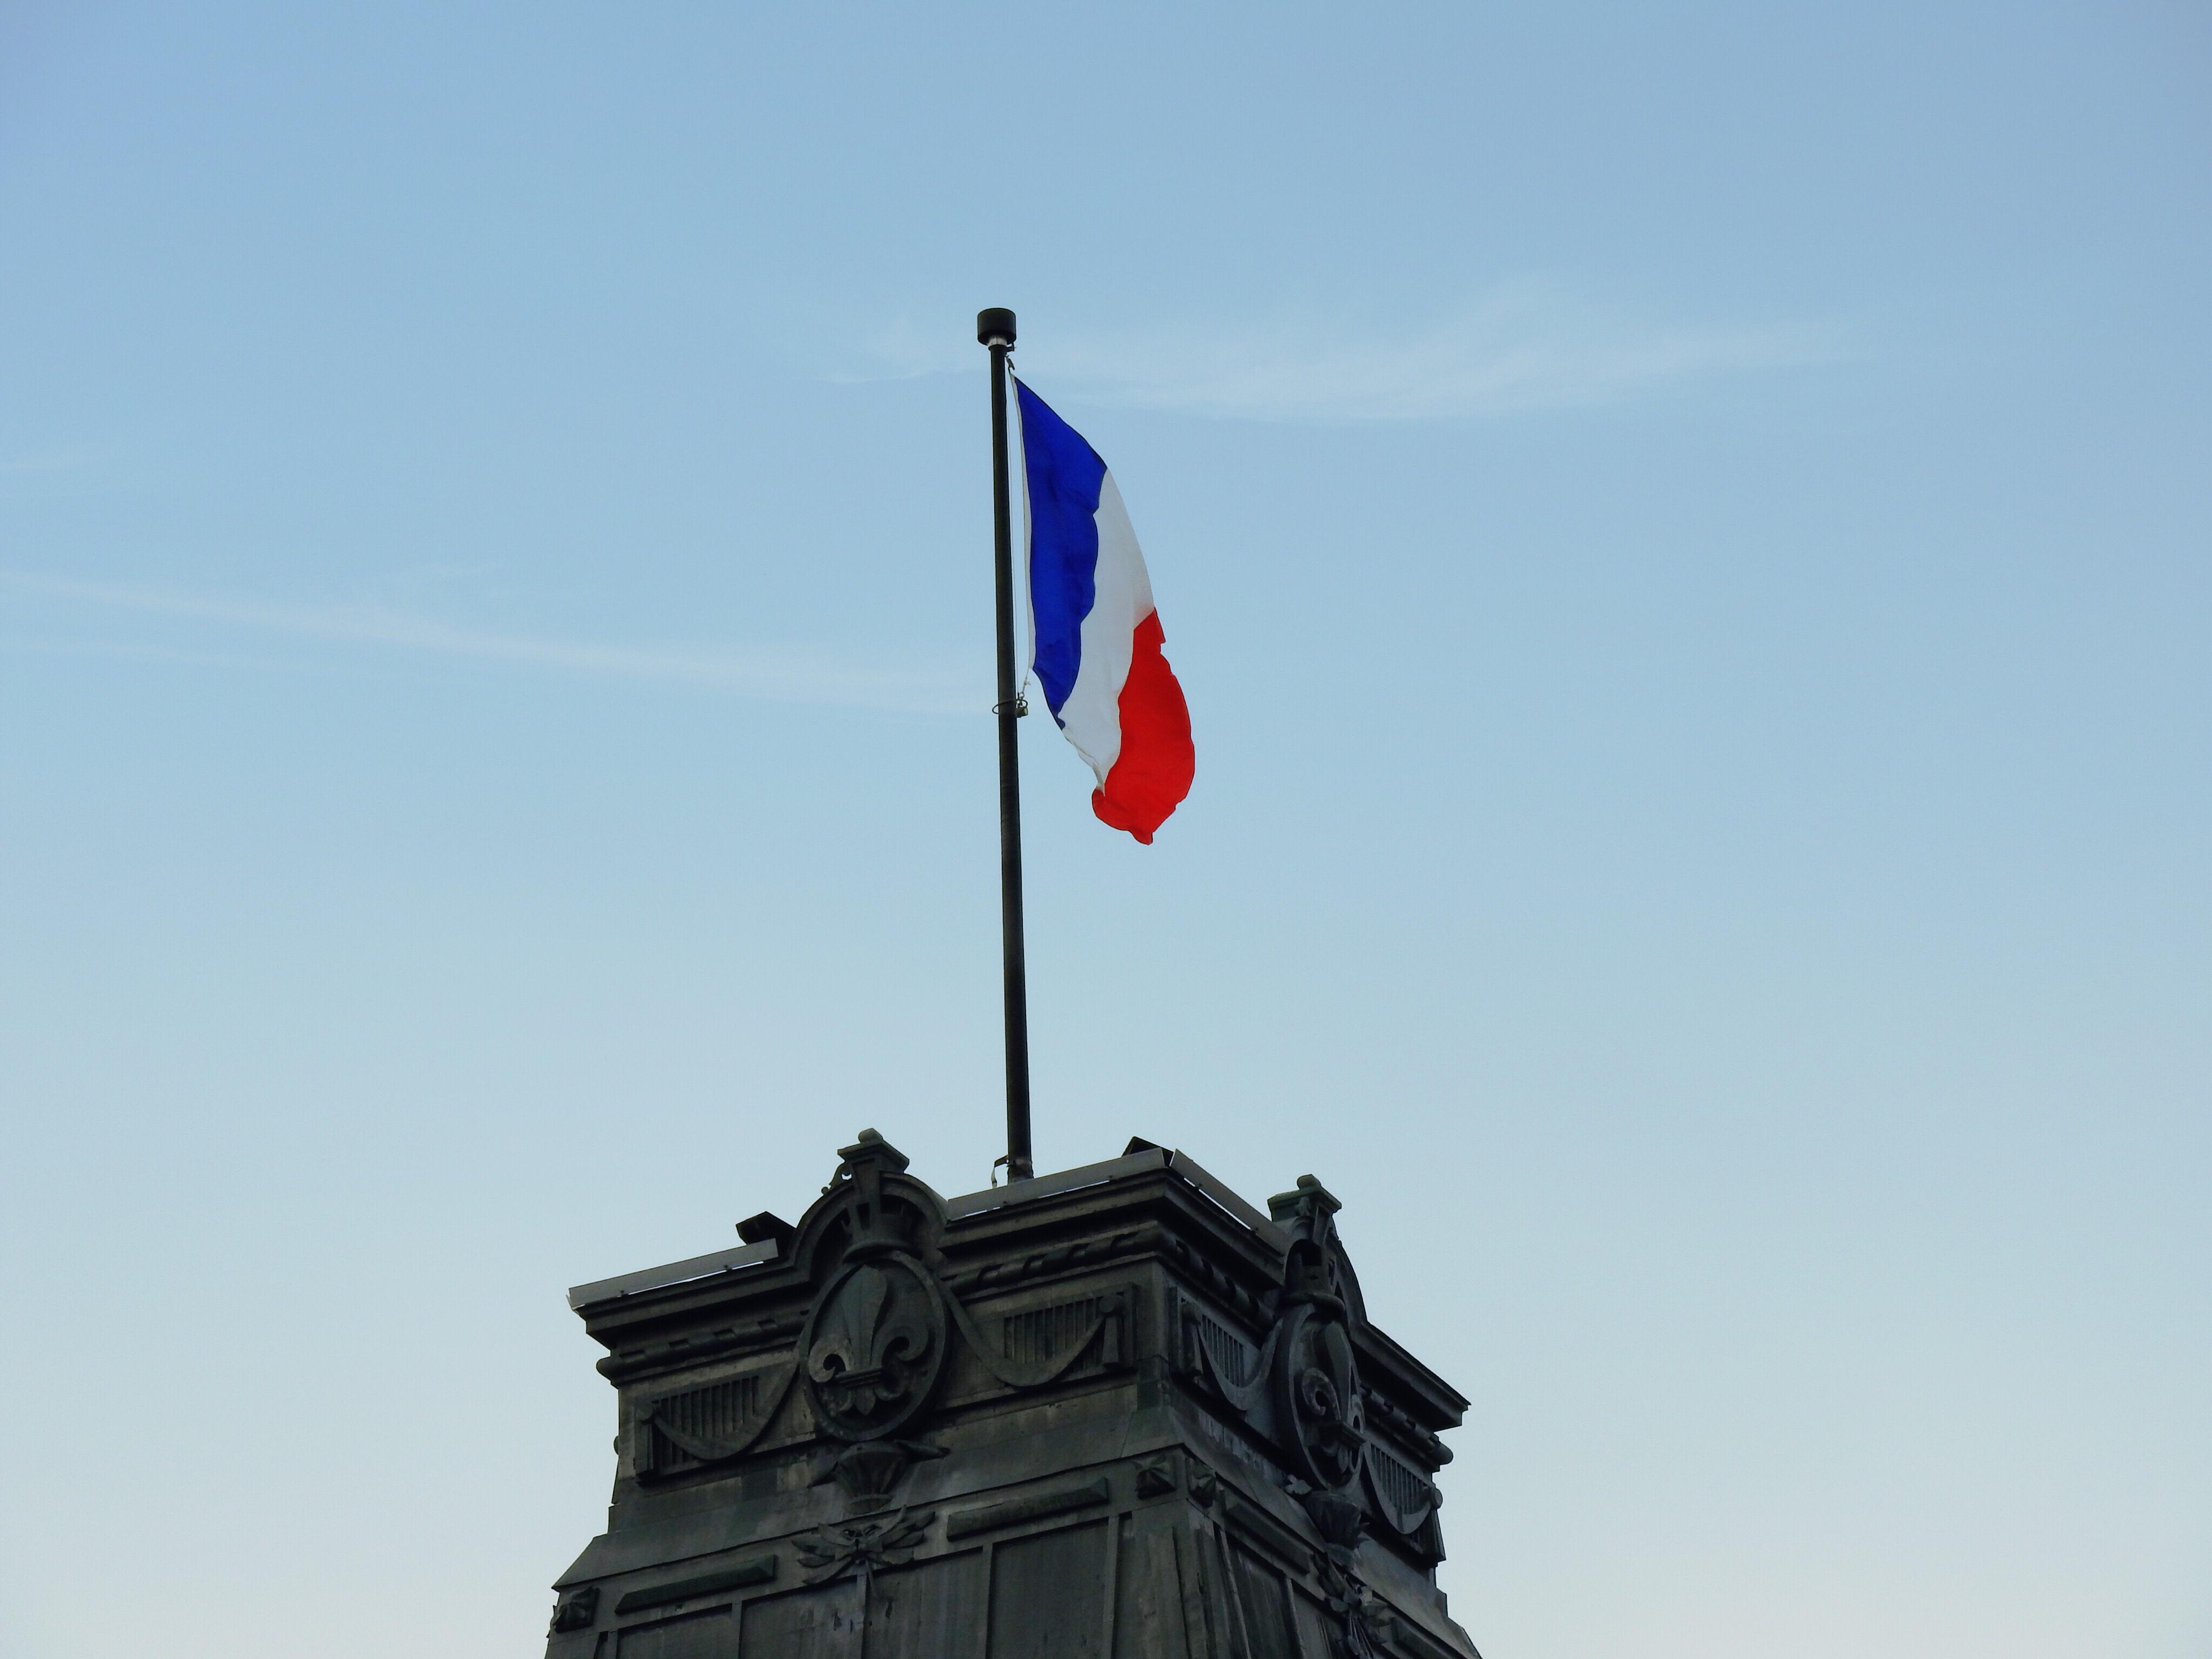 ケベック州議事堂にたなびくフランス国旗